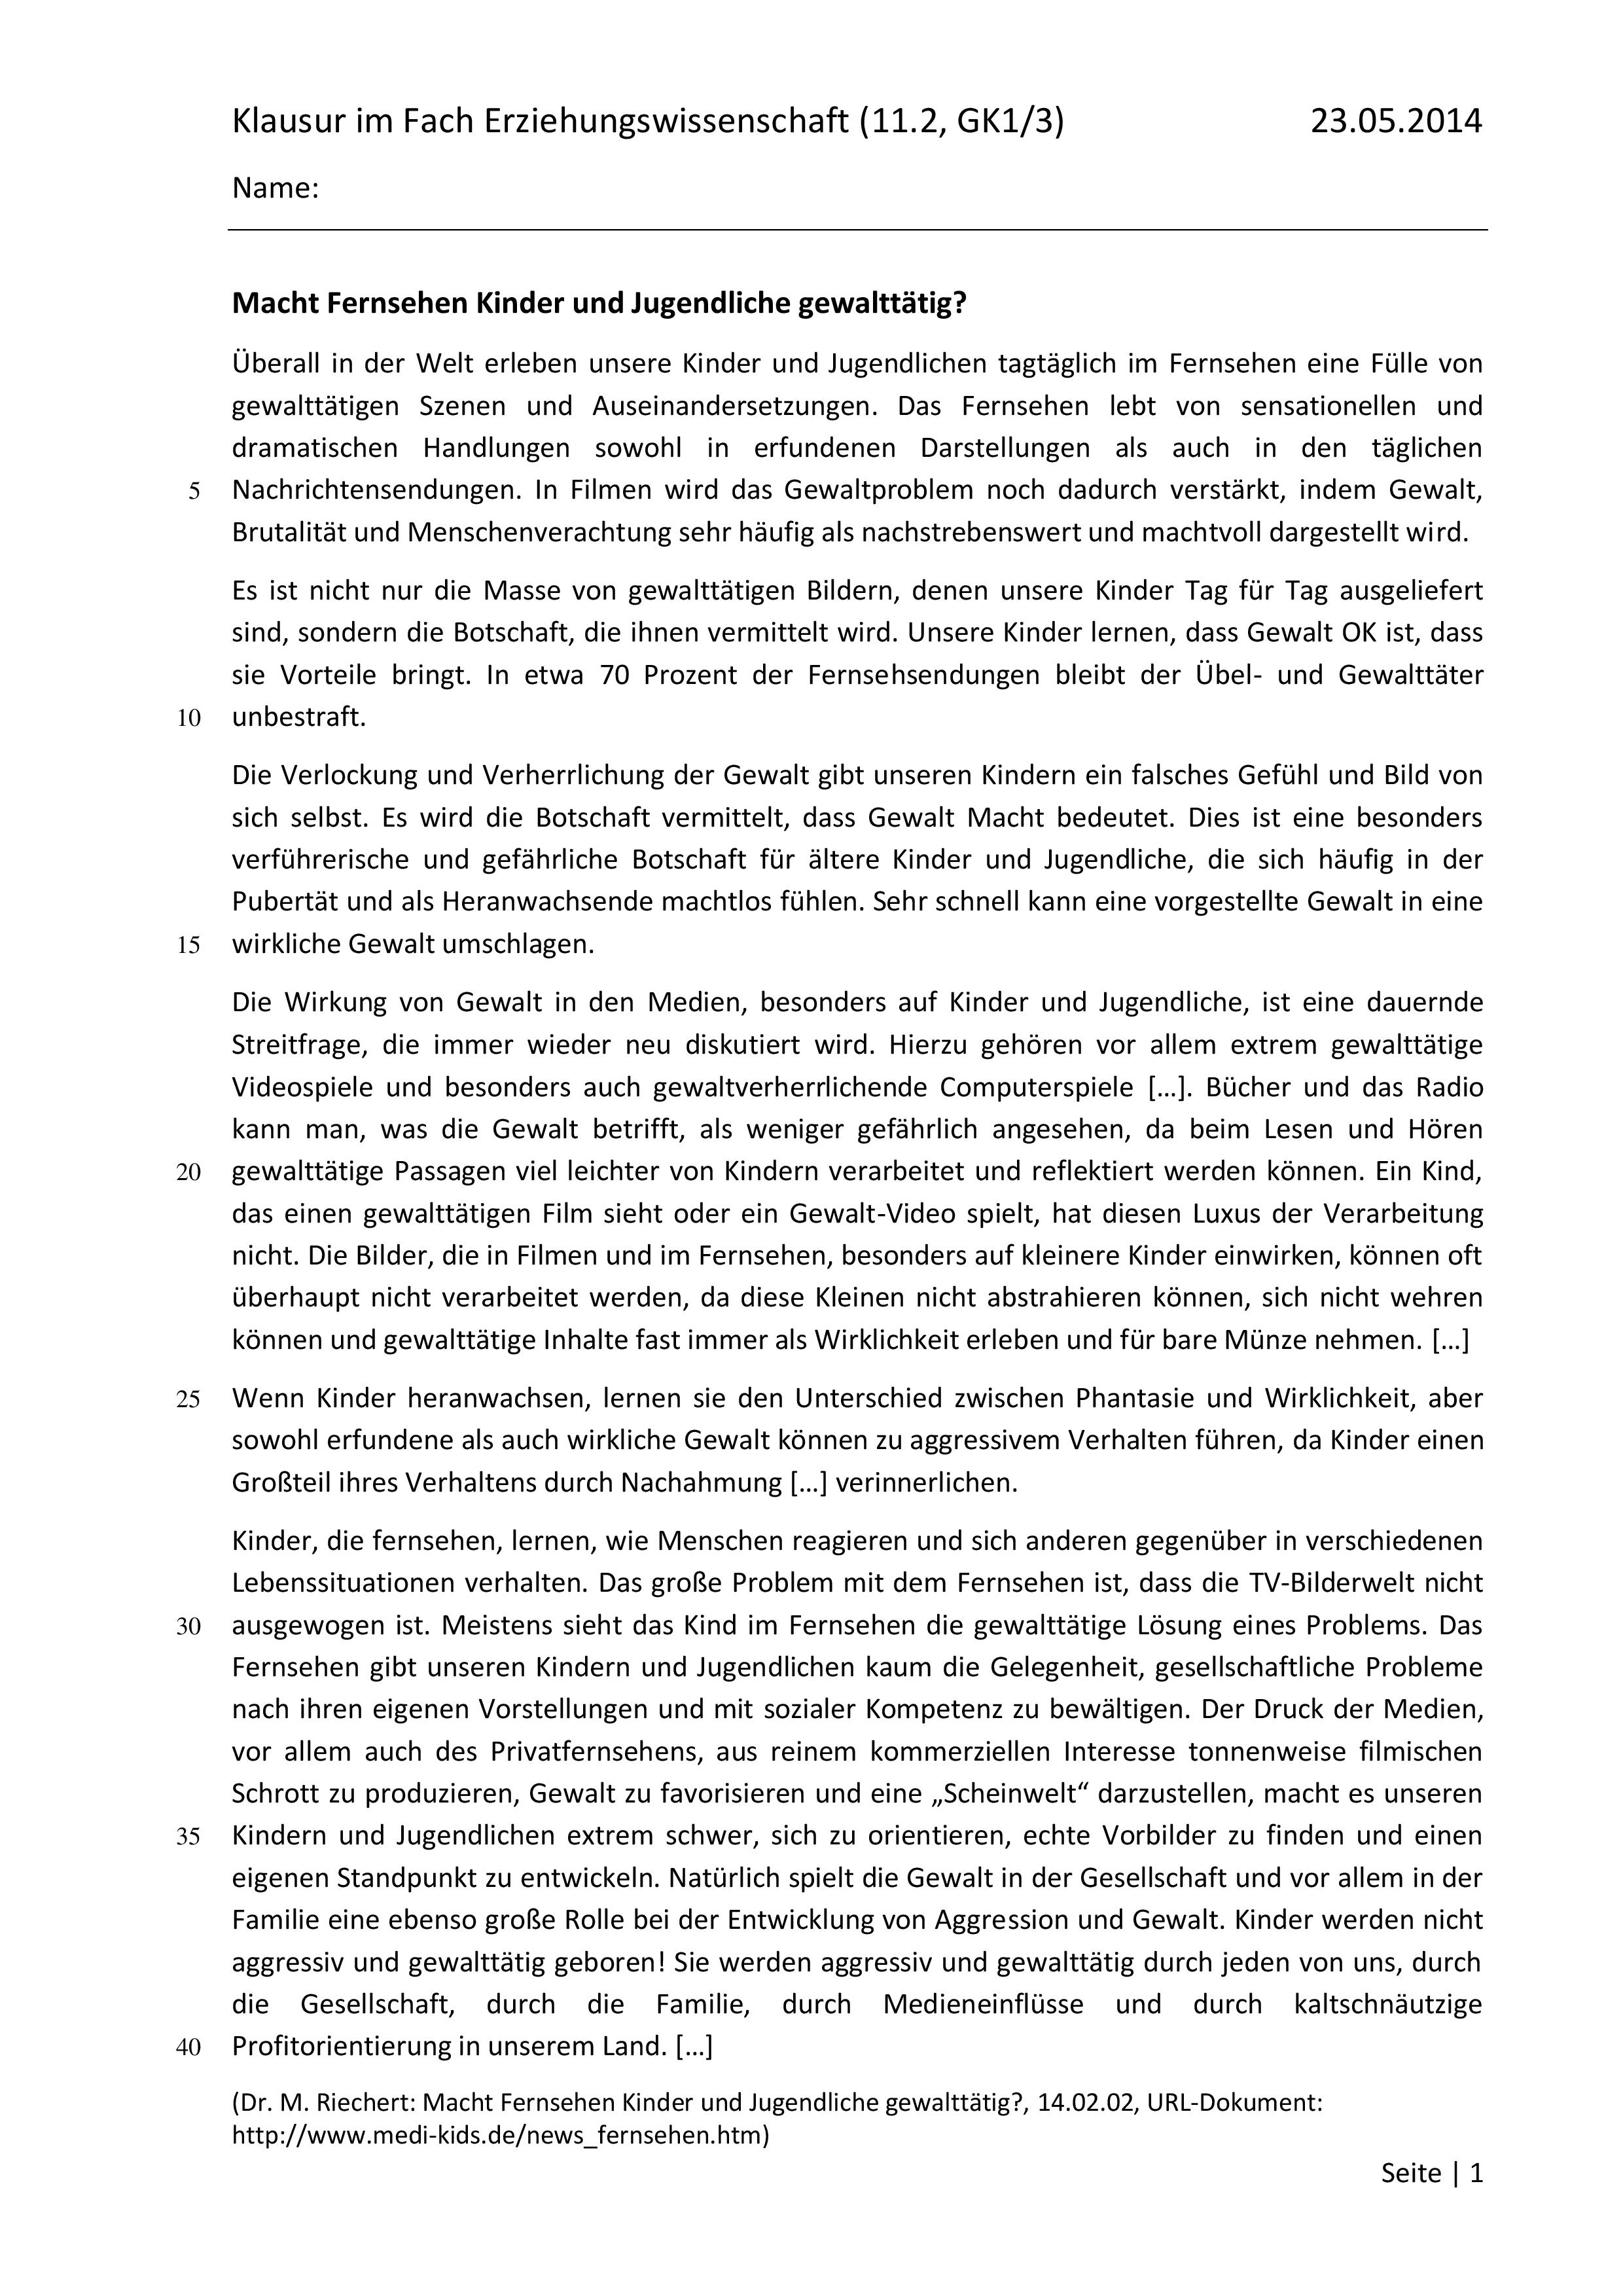 Klausur Modelllernen Unterrichtsmaterial Im Fach Padagogik Schulfach Lernen Kenntnisse Unterrichtsmaterial